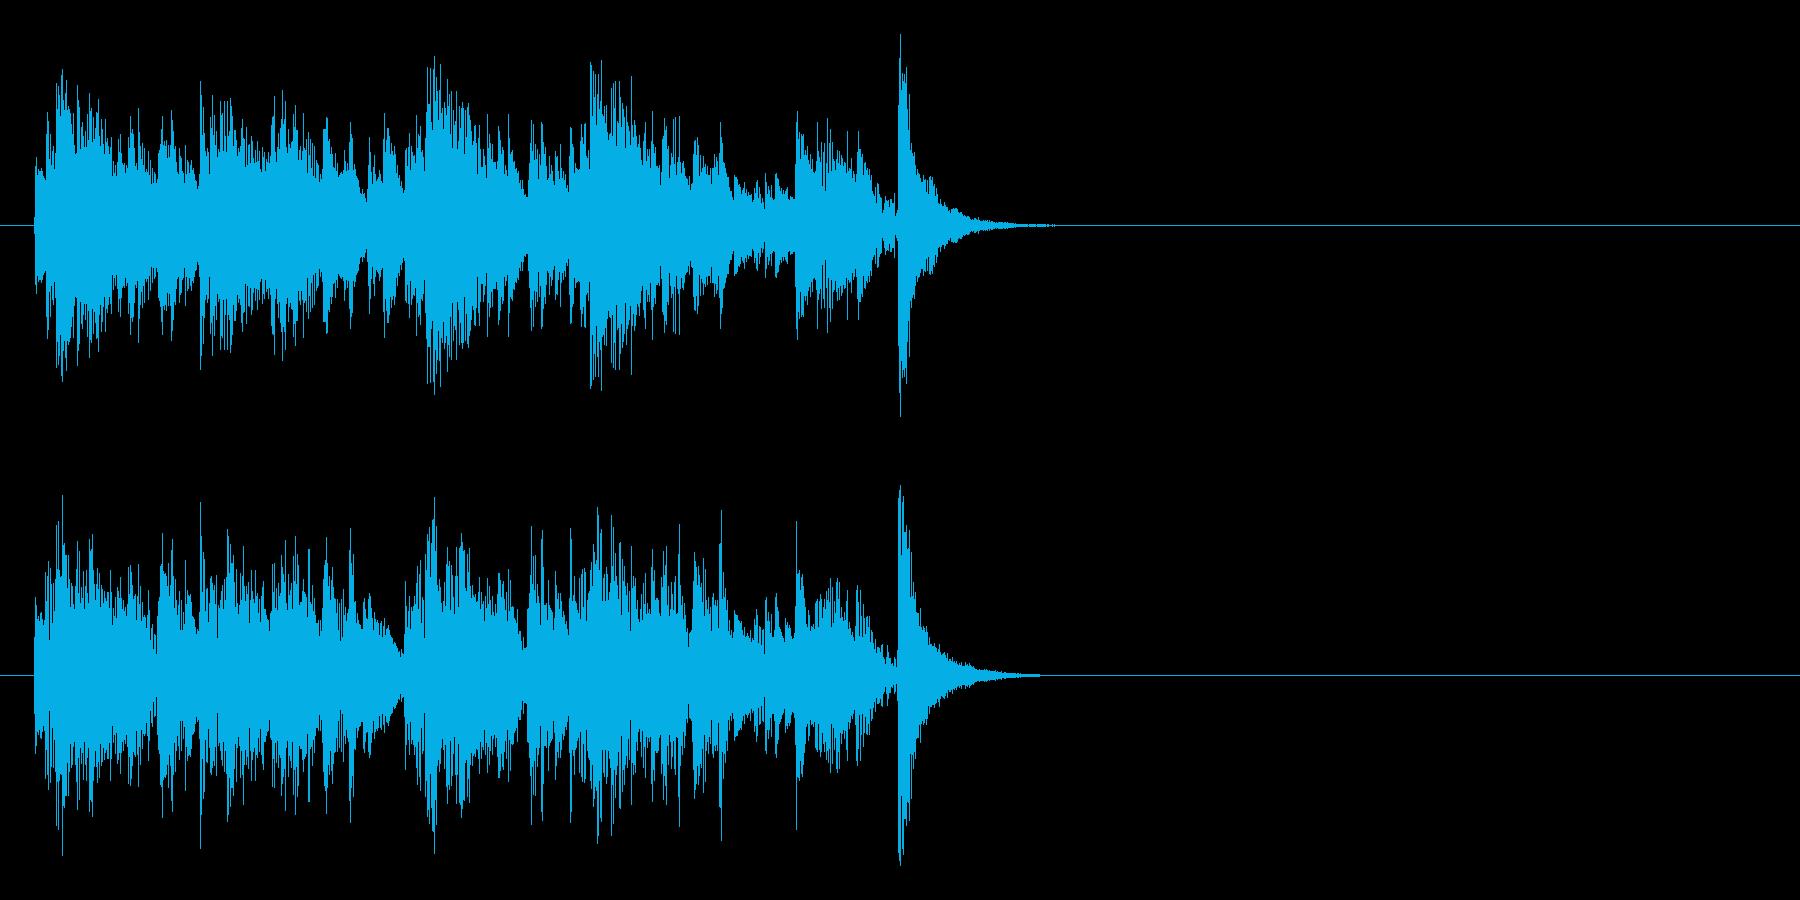 着信音などに使える不思議な感じのジングルの再生済みの波形